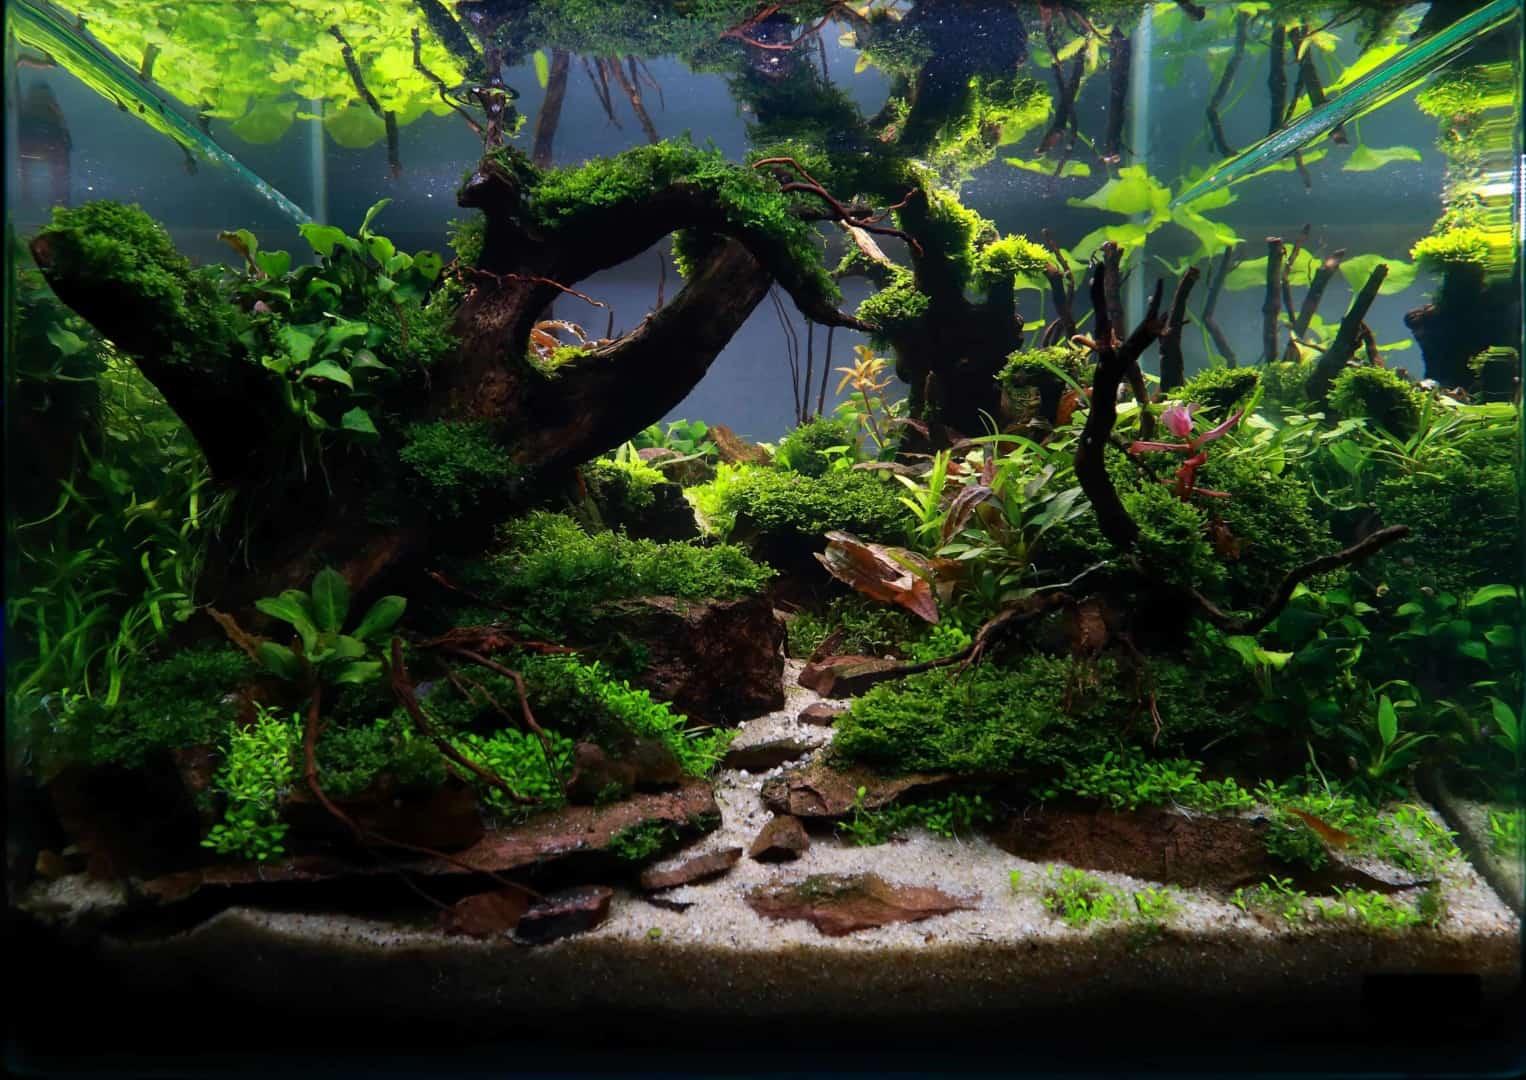 191 - The Art of the Planted Aquarium - Neuheiten und Möglichkeiten zum Mitmachen im April 2019 (Stefanie Hesse) 15